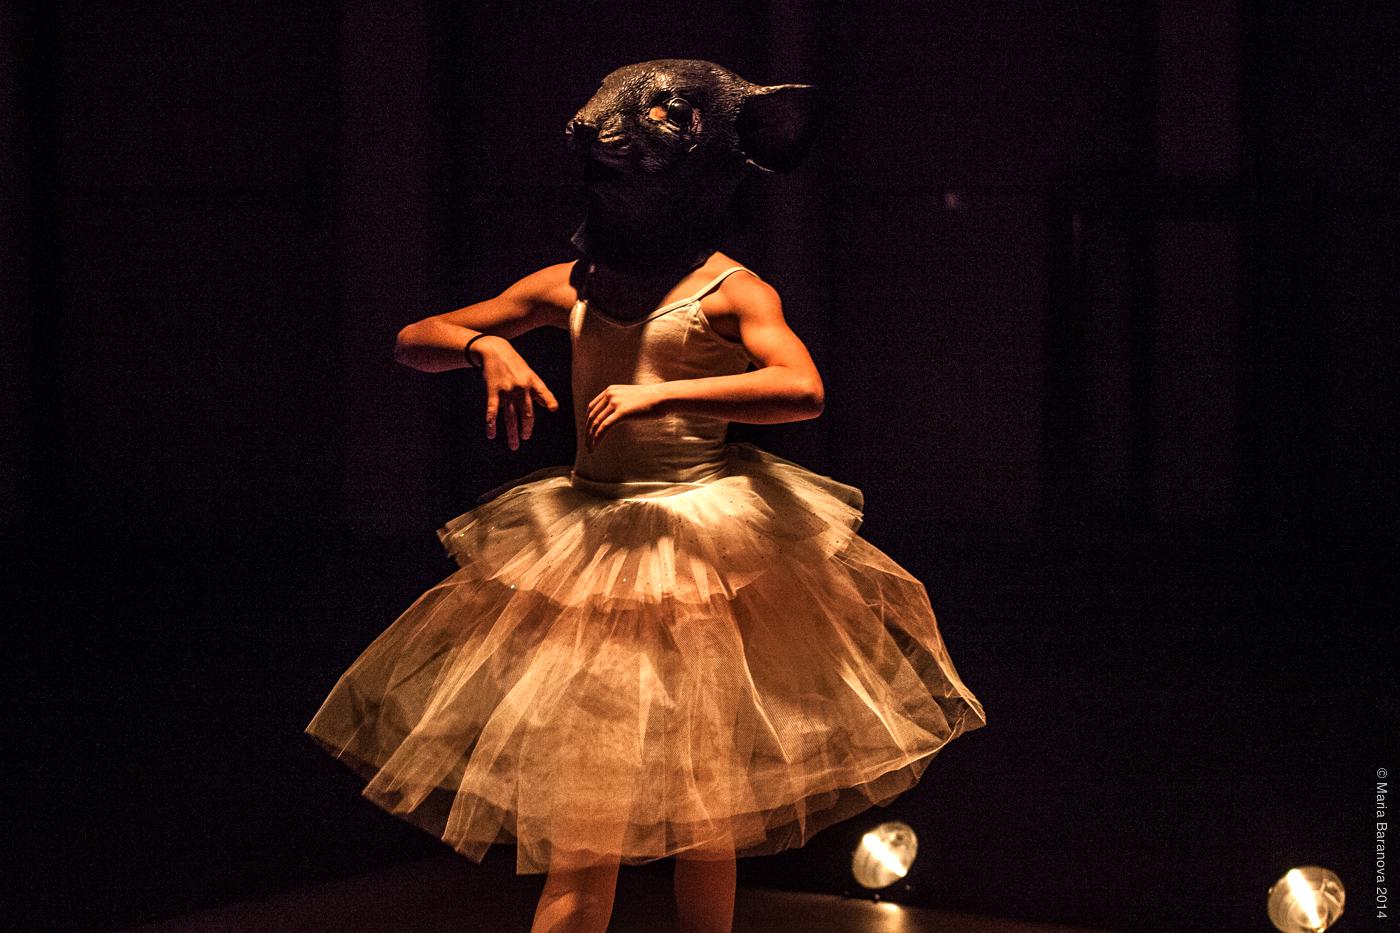 A_Nutcracker_Dress_by_Maria_Baranova-2337.jpg